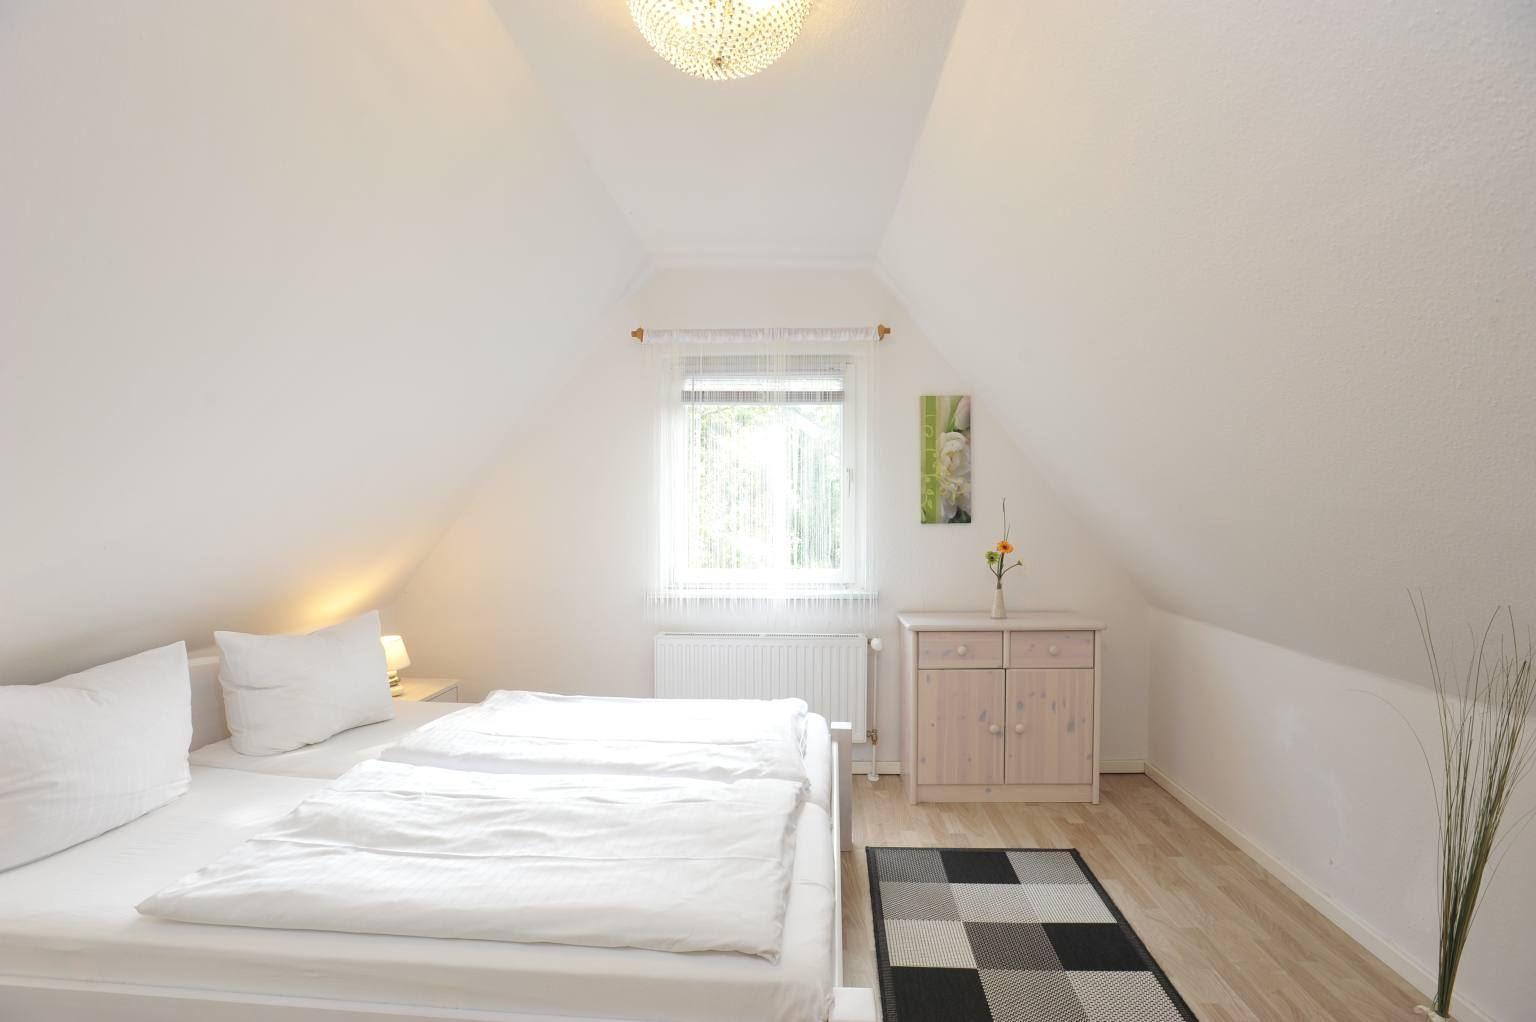 """1. Schlafzimmer - St Peter Ording Bad, Haus """"Kuddel und Hein"""", Haushaelfte """"Hein"""", Gorch-Fock-Weg 31"""